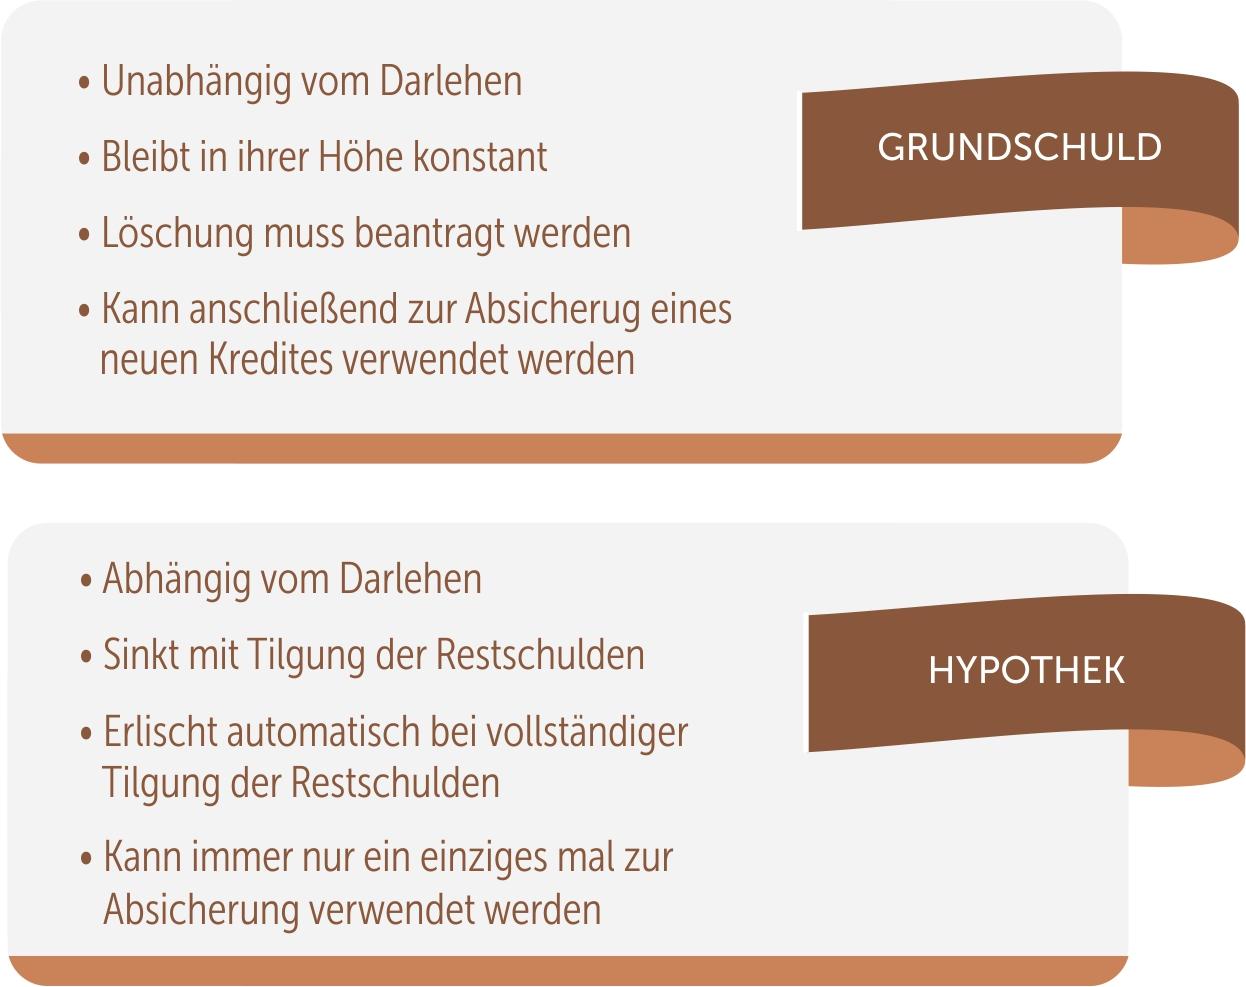 Infografik Hypothek & Grundschuld im Vergleich